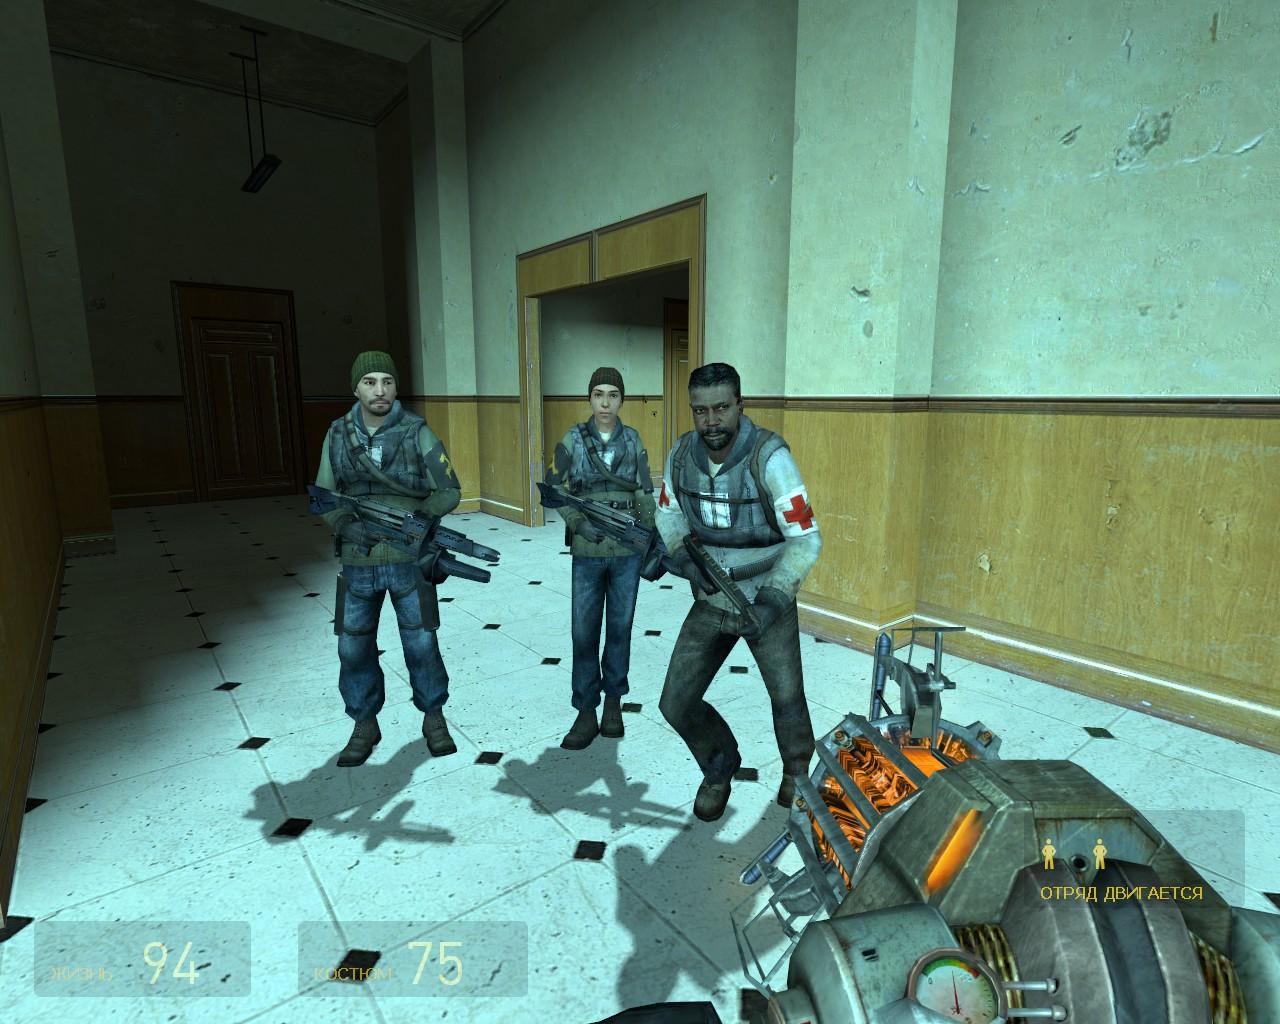 d3_c17_10b0015.jpg - Half-Life 2